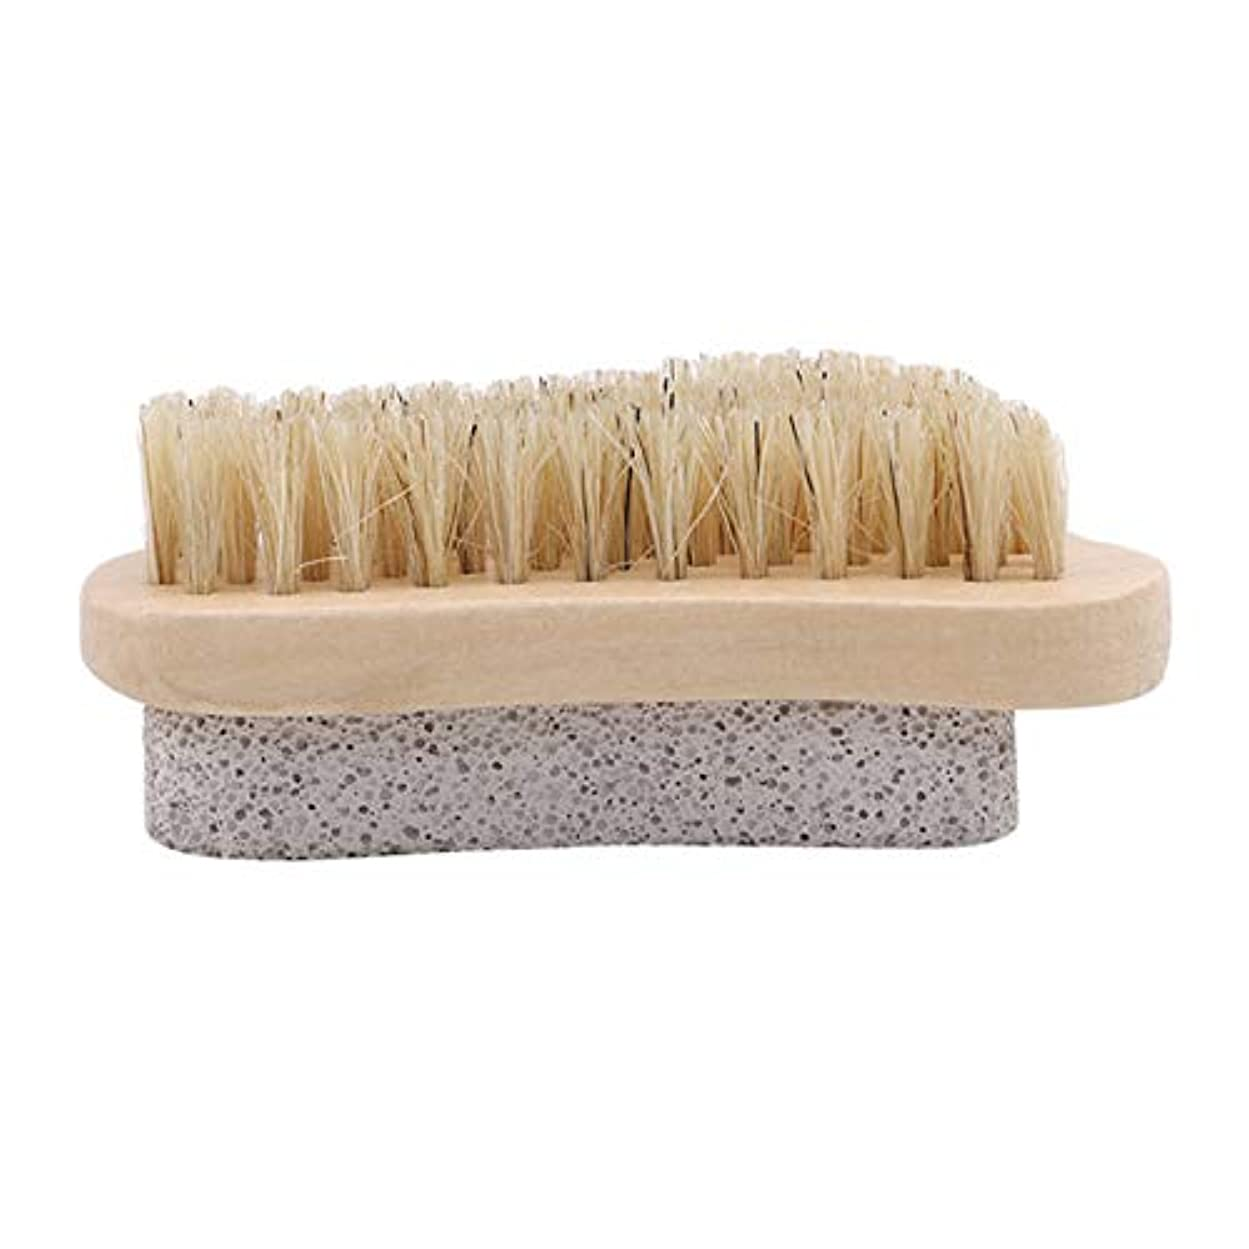 塩放出系統的Bigsweety 足軽石の足爪ブラシ 角質除去 フットブラシ 足を洗うブラシ身体洗いブラシ 足 軽石足爪ブラシライ